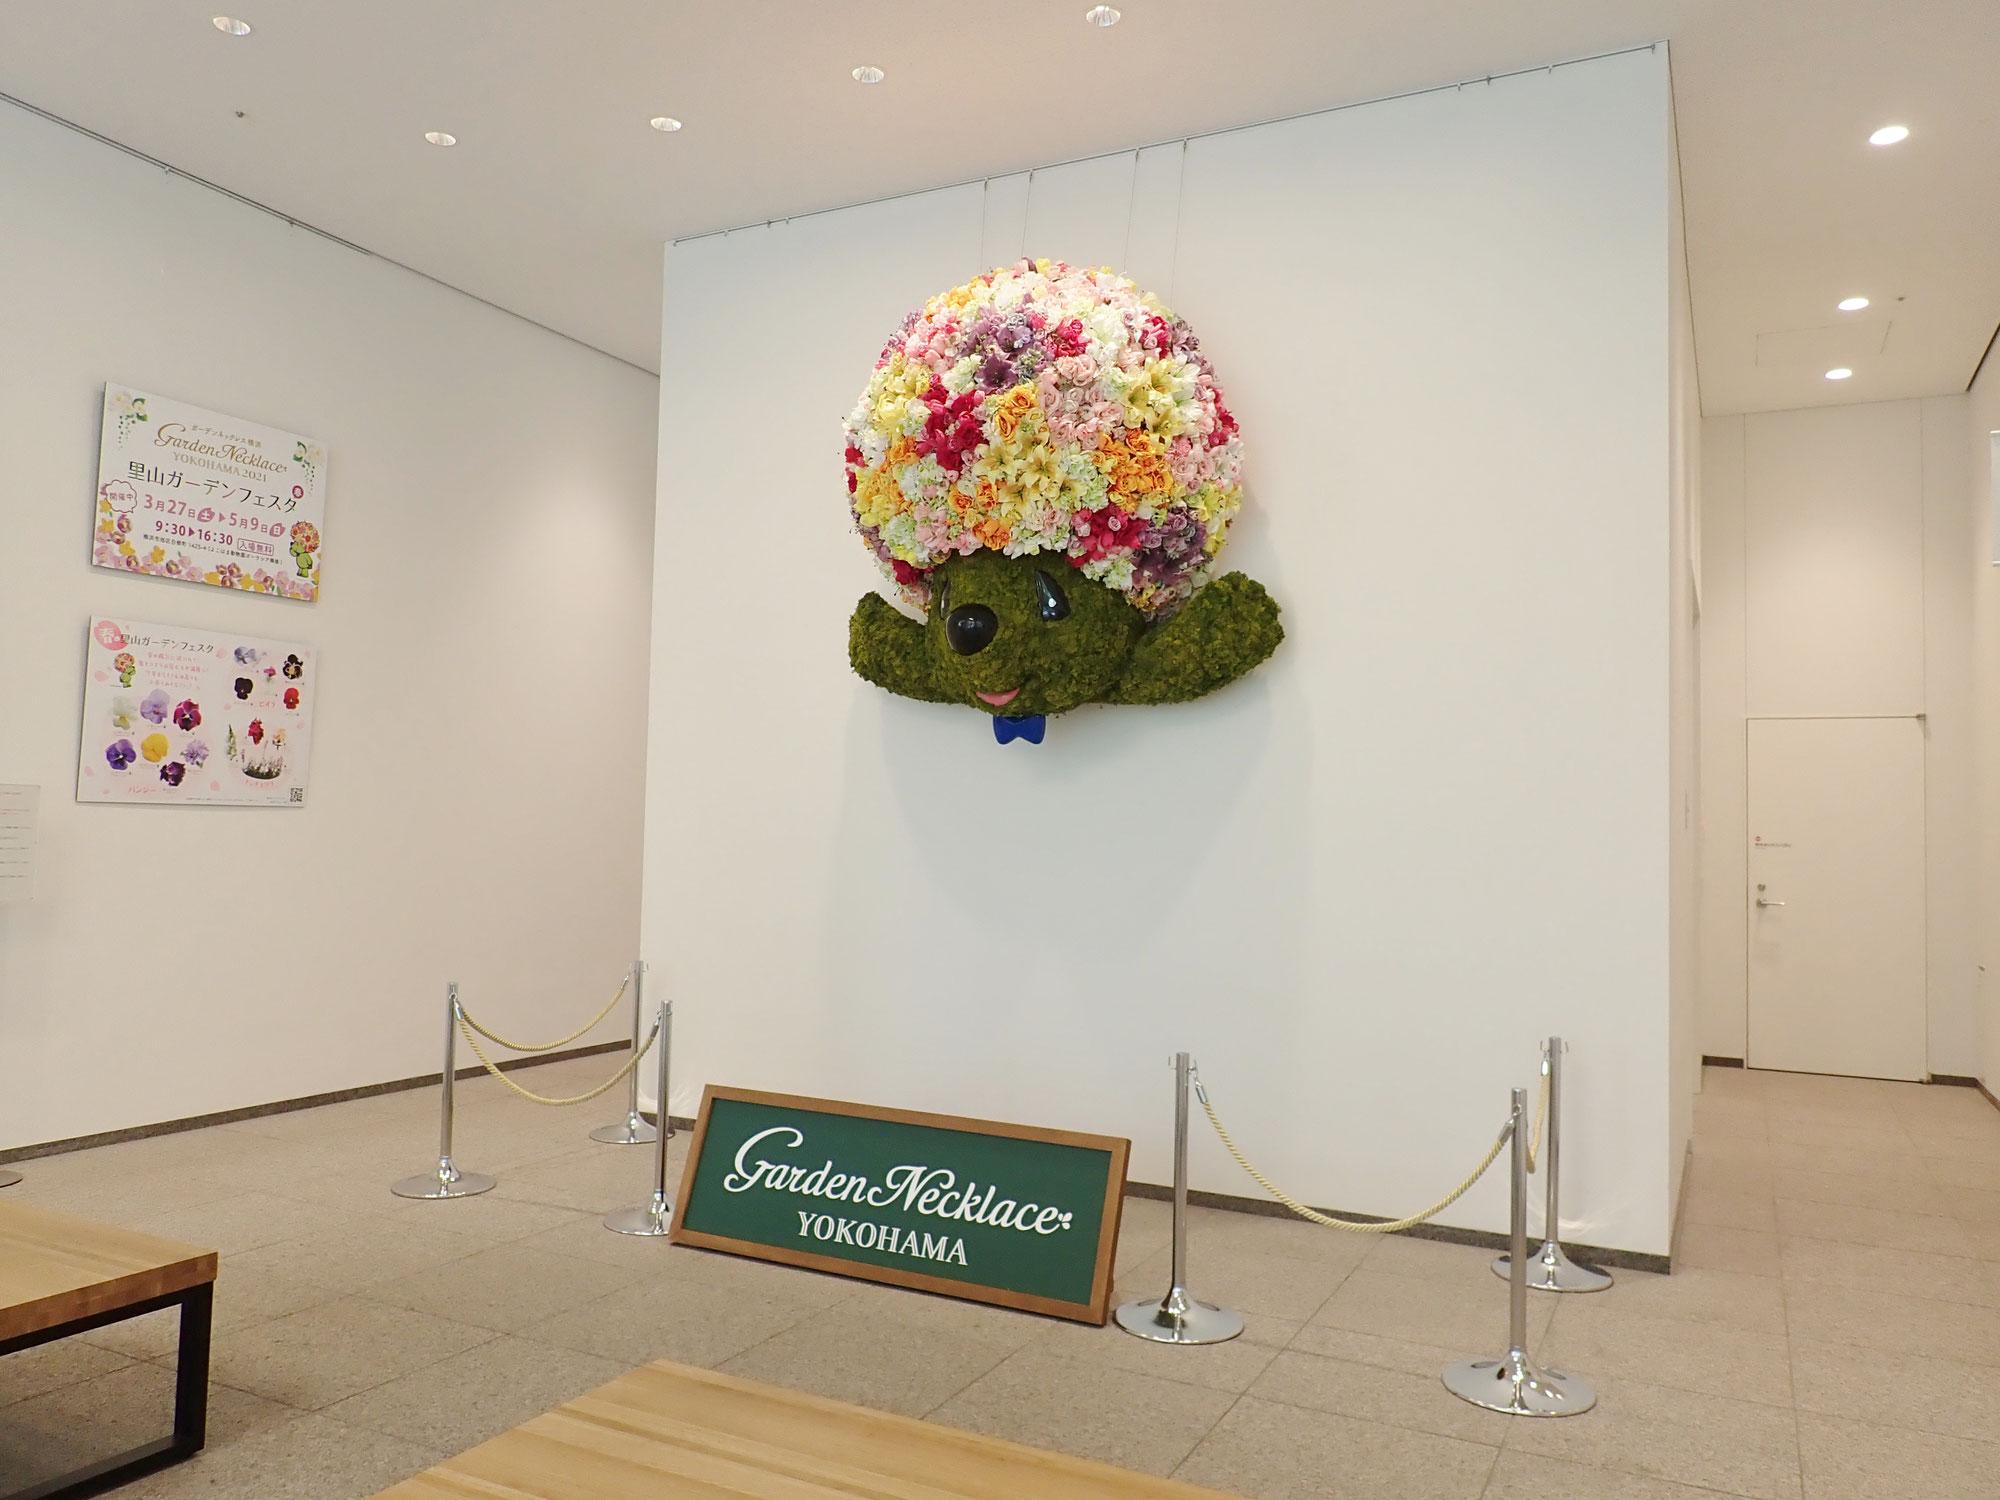 横浜市役所に壁掛けガーデンベア登場